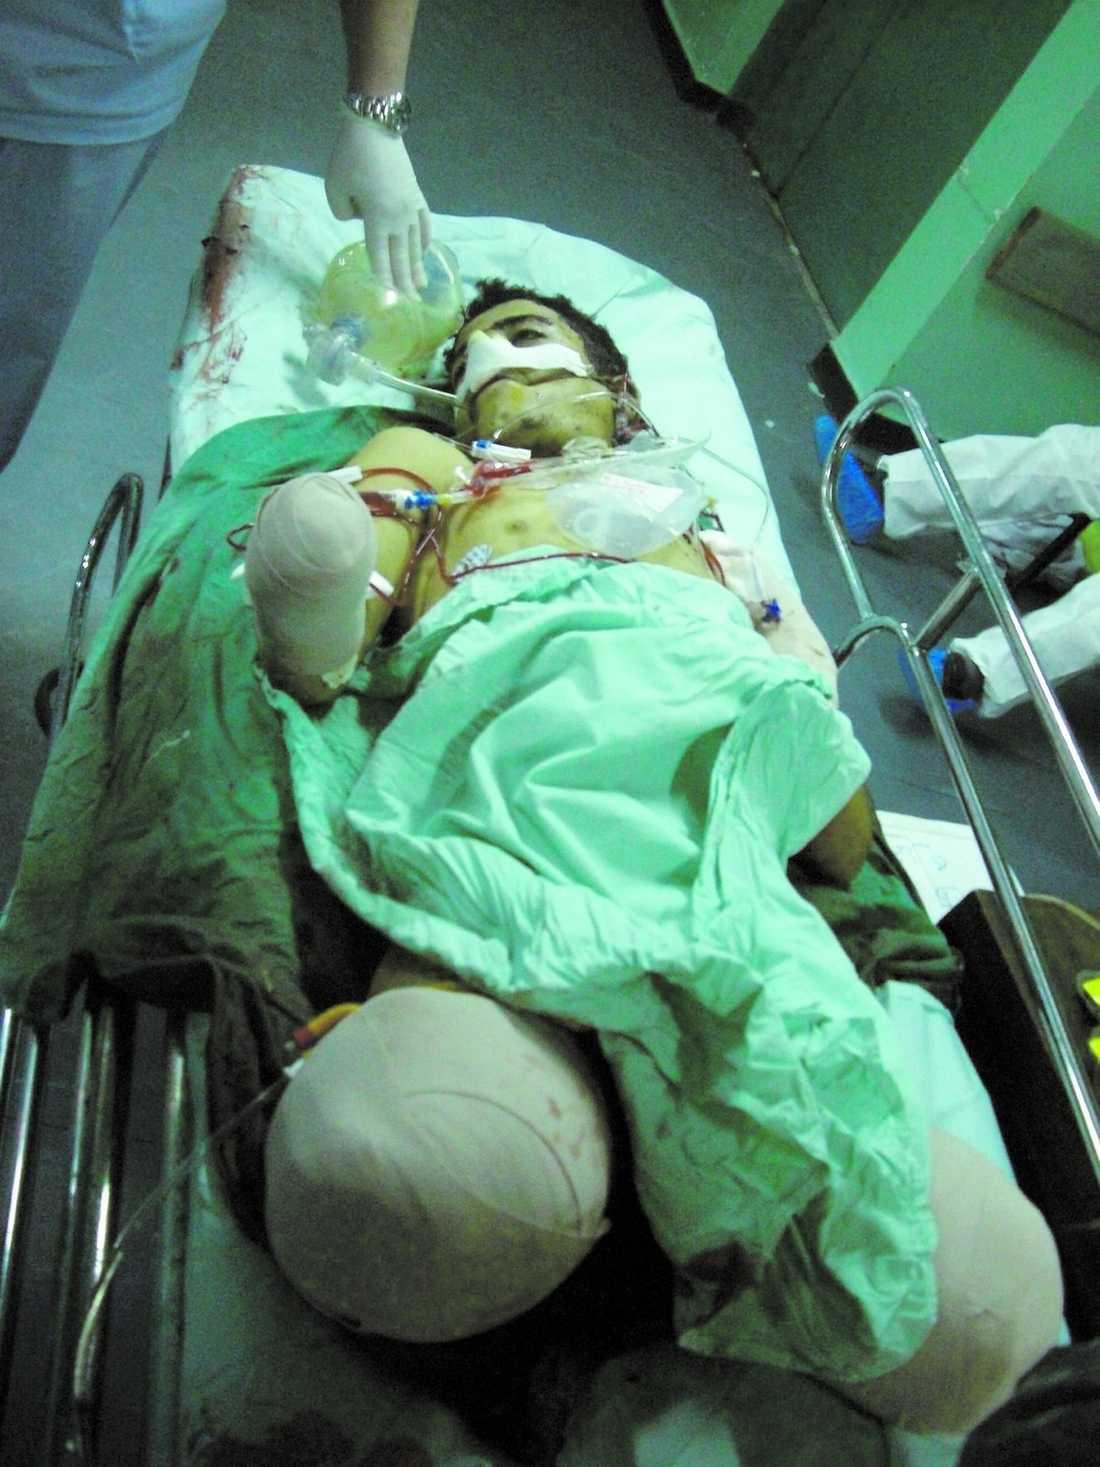 Den 17-årige pojken är allvarligt skadad och läkarna tvingas amputera båda benen och en arm.